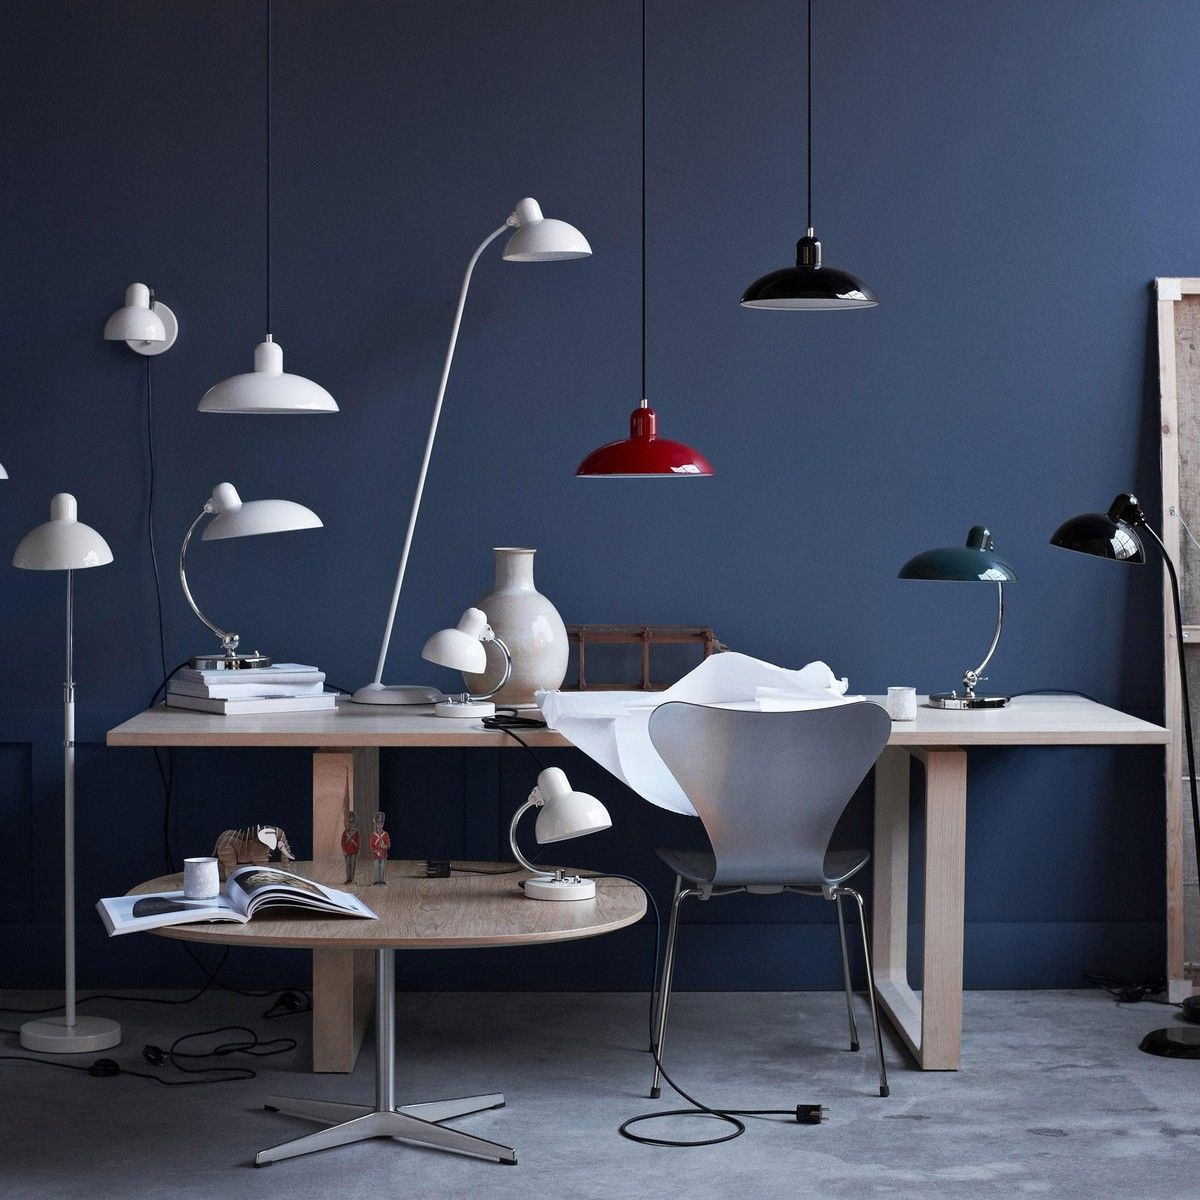 kaiser idell 6631 luxus tischleuchte kaiser idell. Black Bedroom Furniture Sets. Home Design Ideas